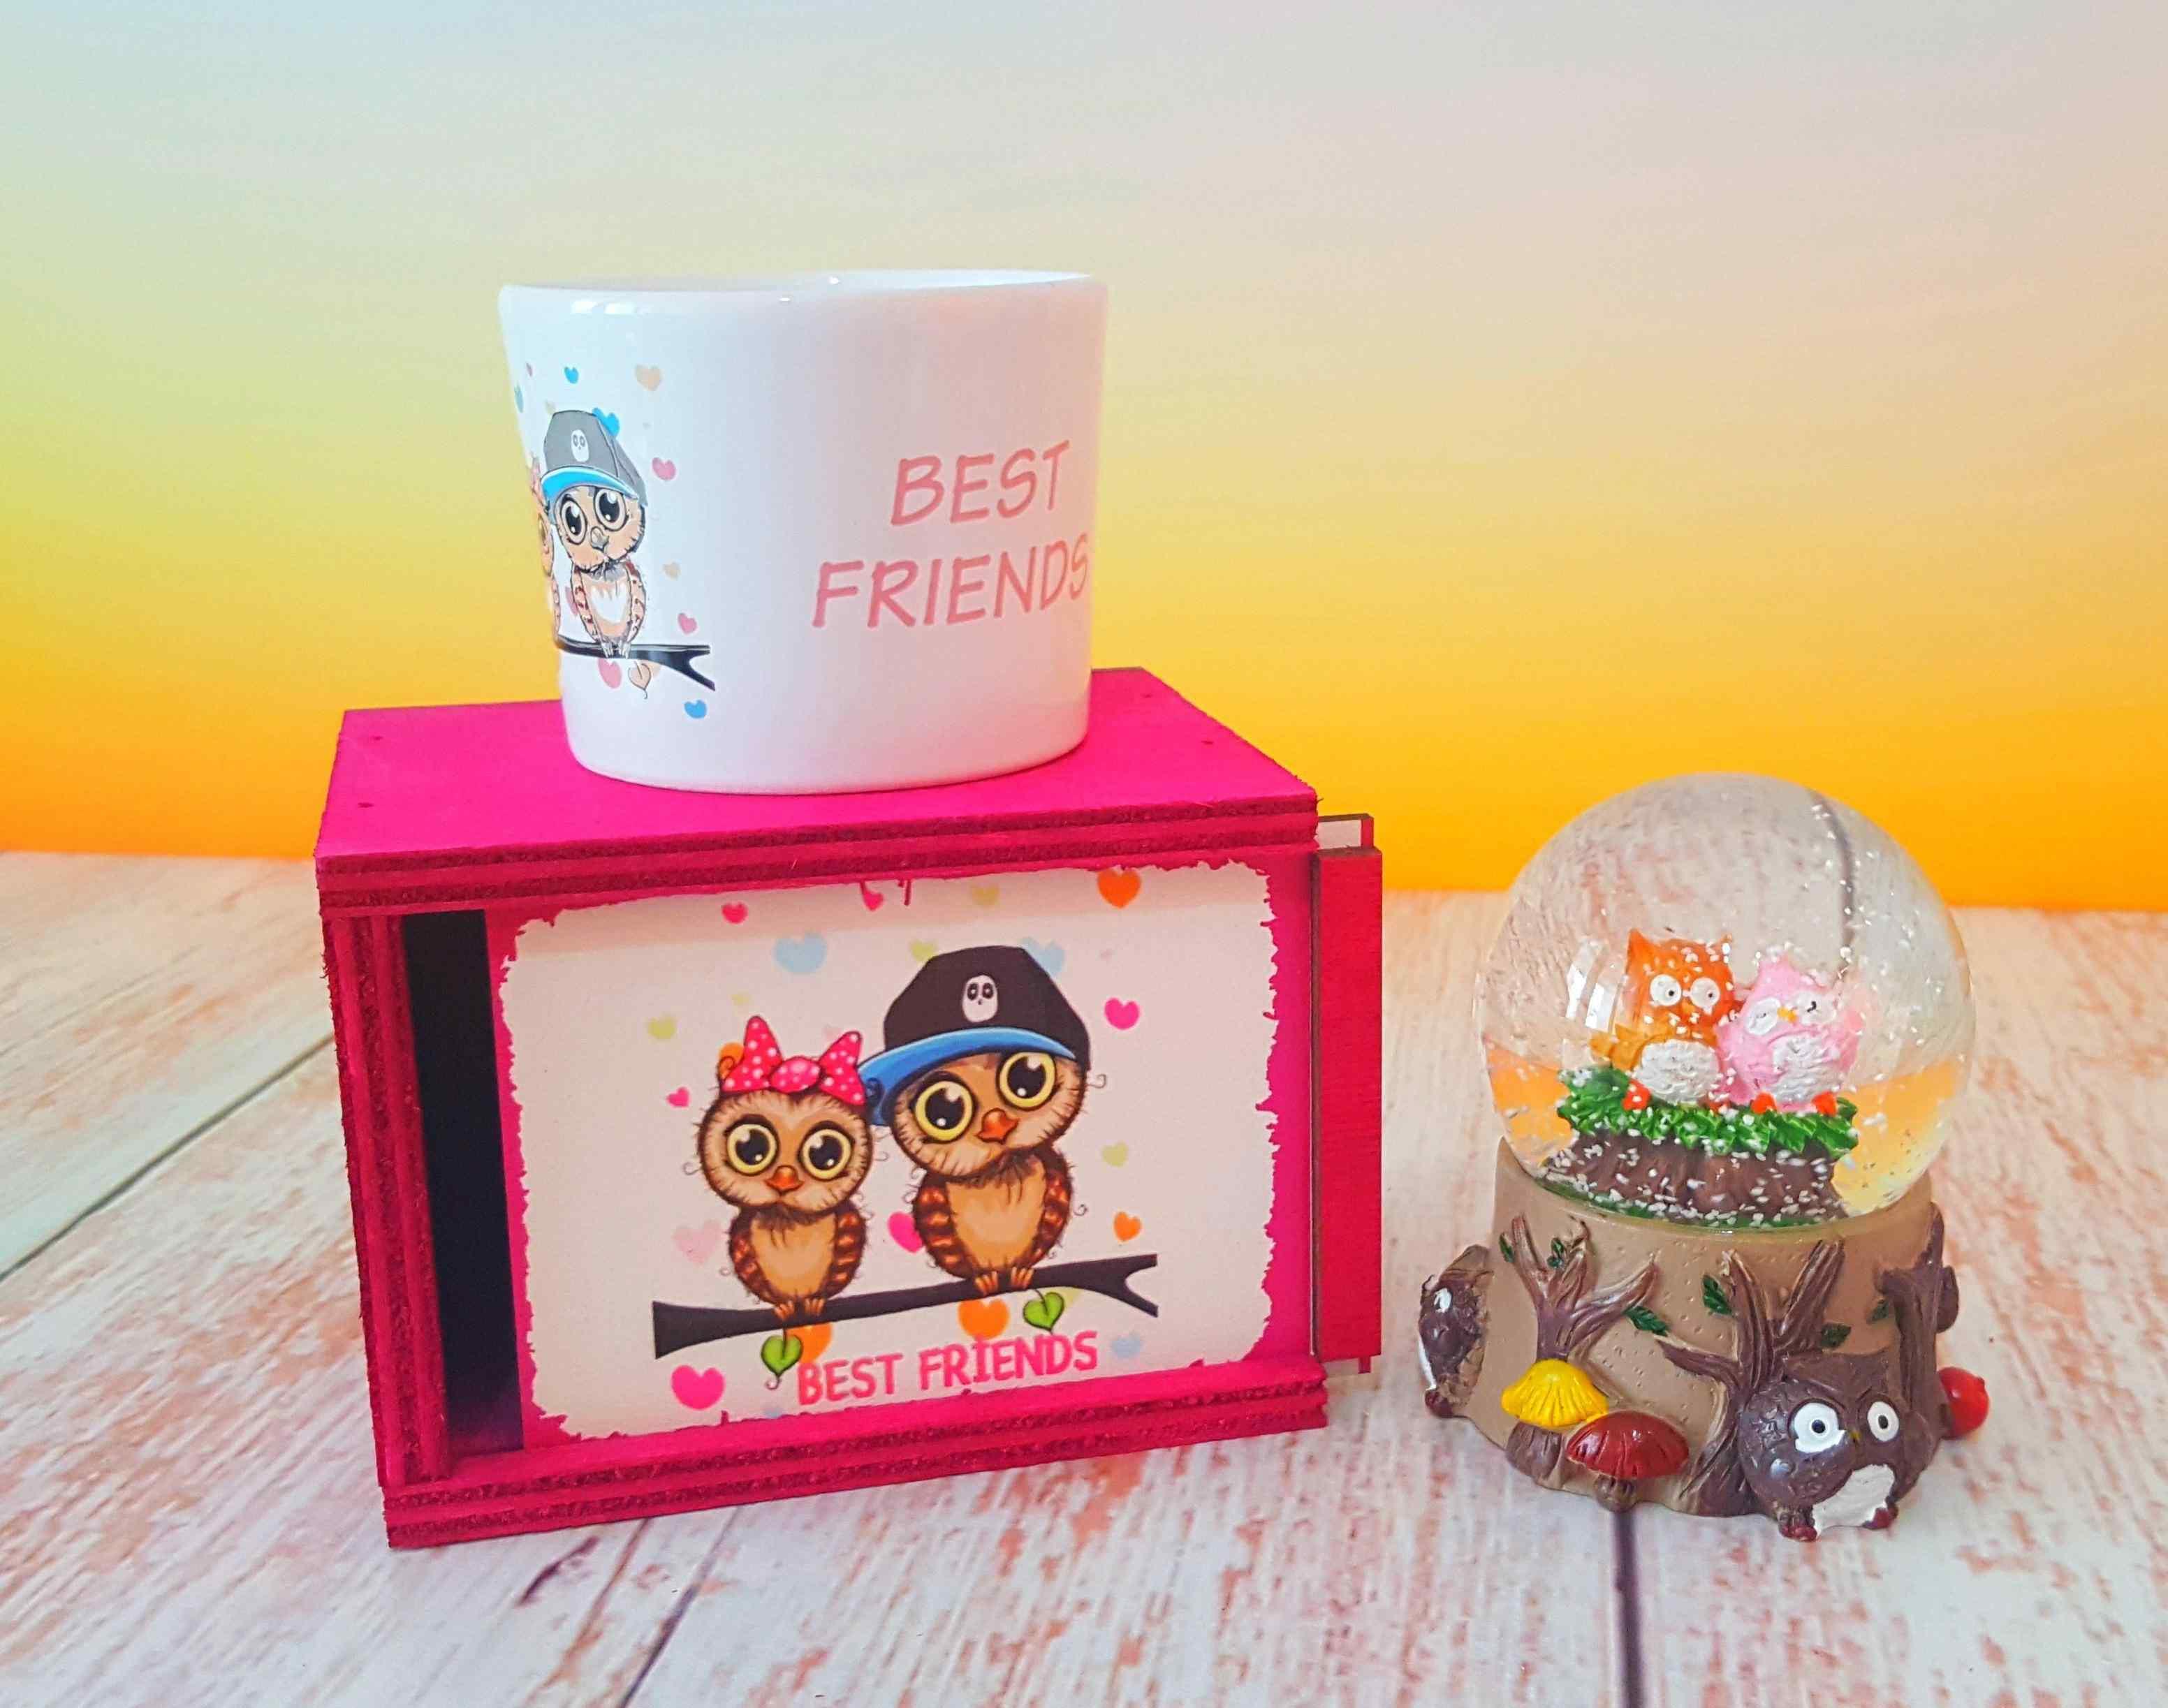 Best Friends Kar Küresi Ve Renkli Kutulu Kupa Arkadaşa Hediye Seti